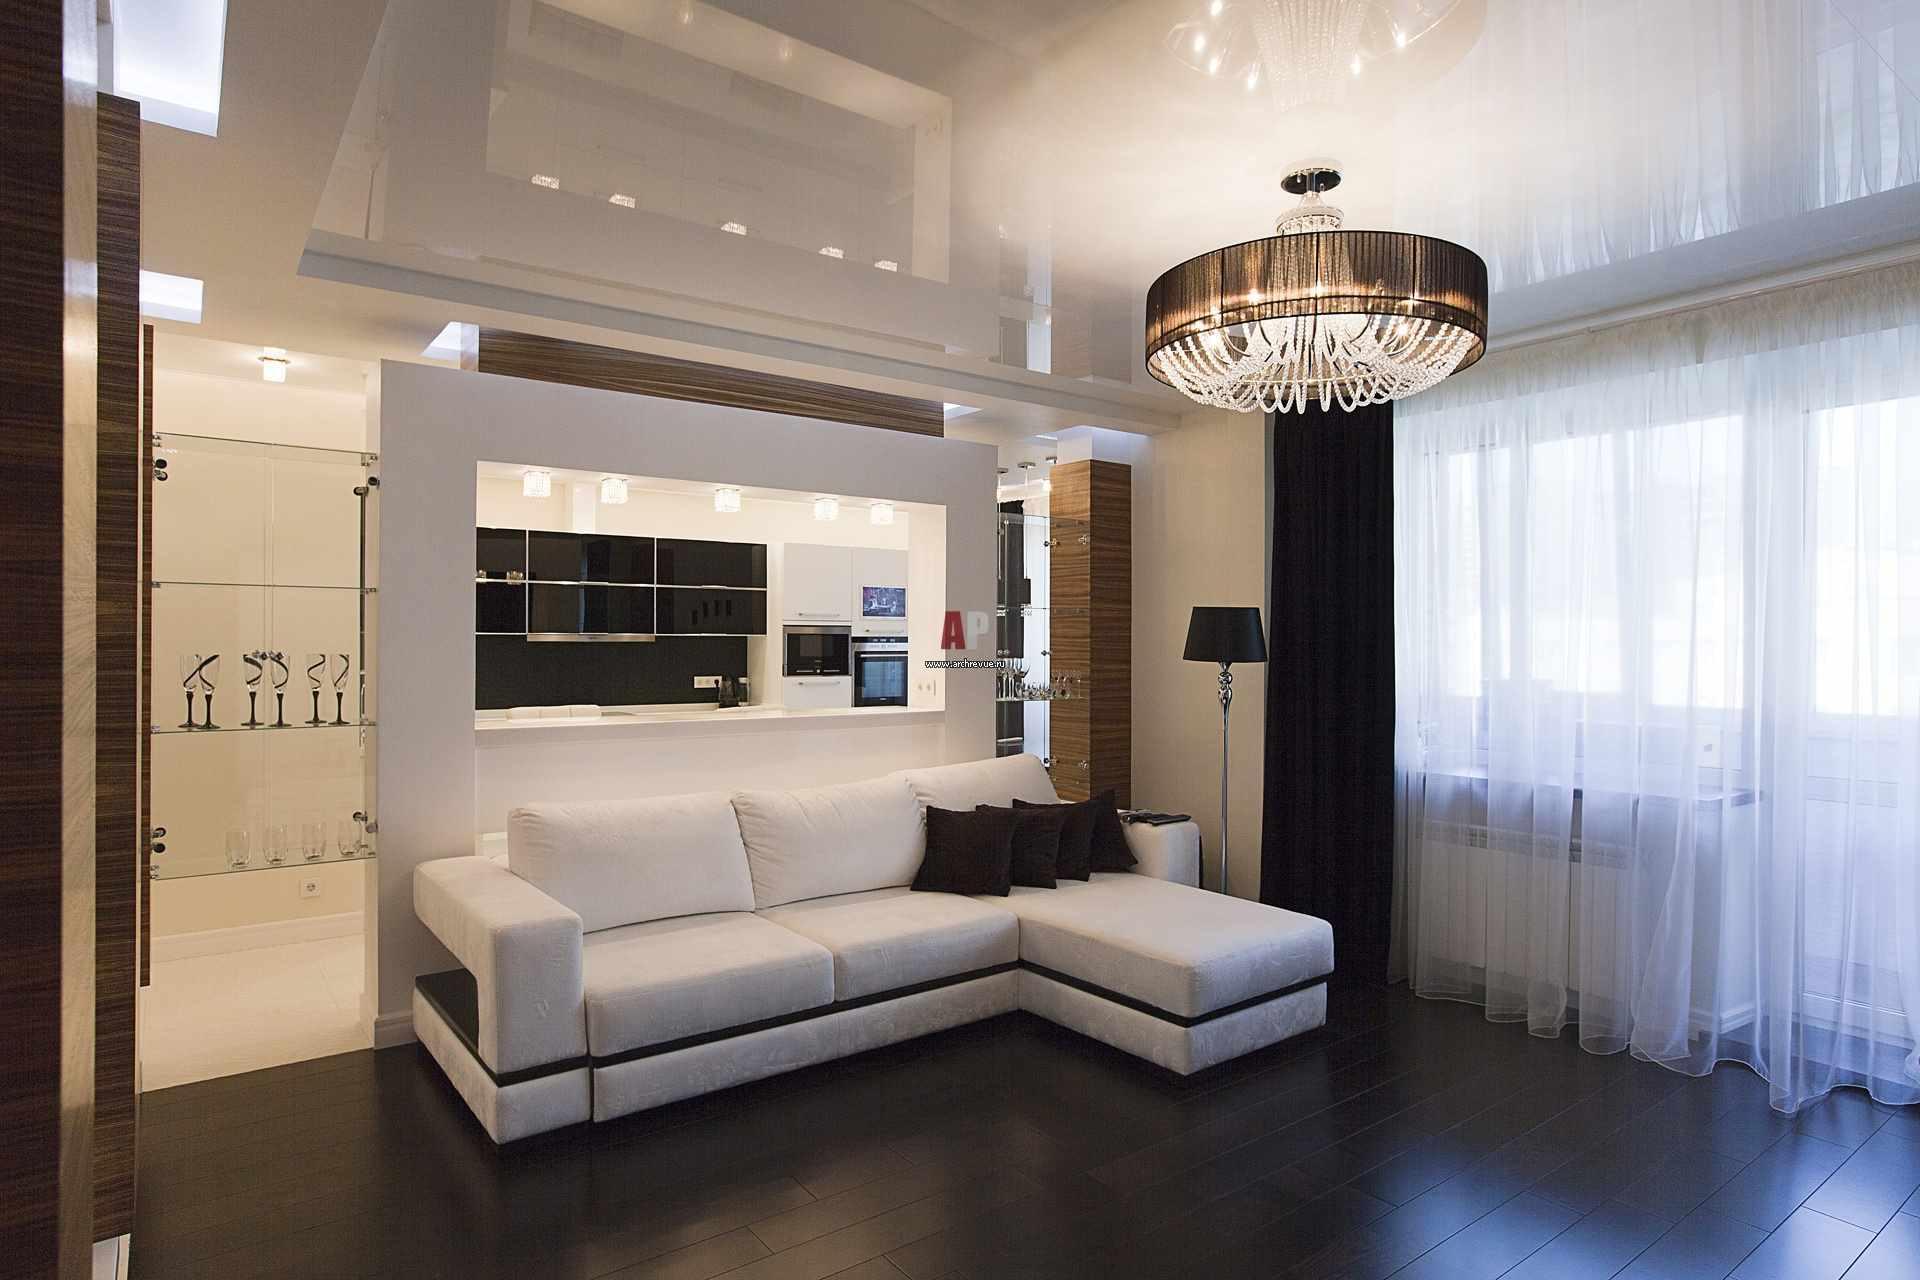 version du design inhabituel du salon 16 m²